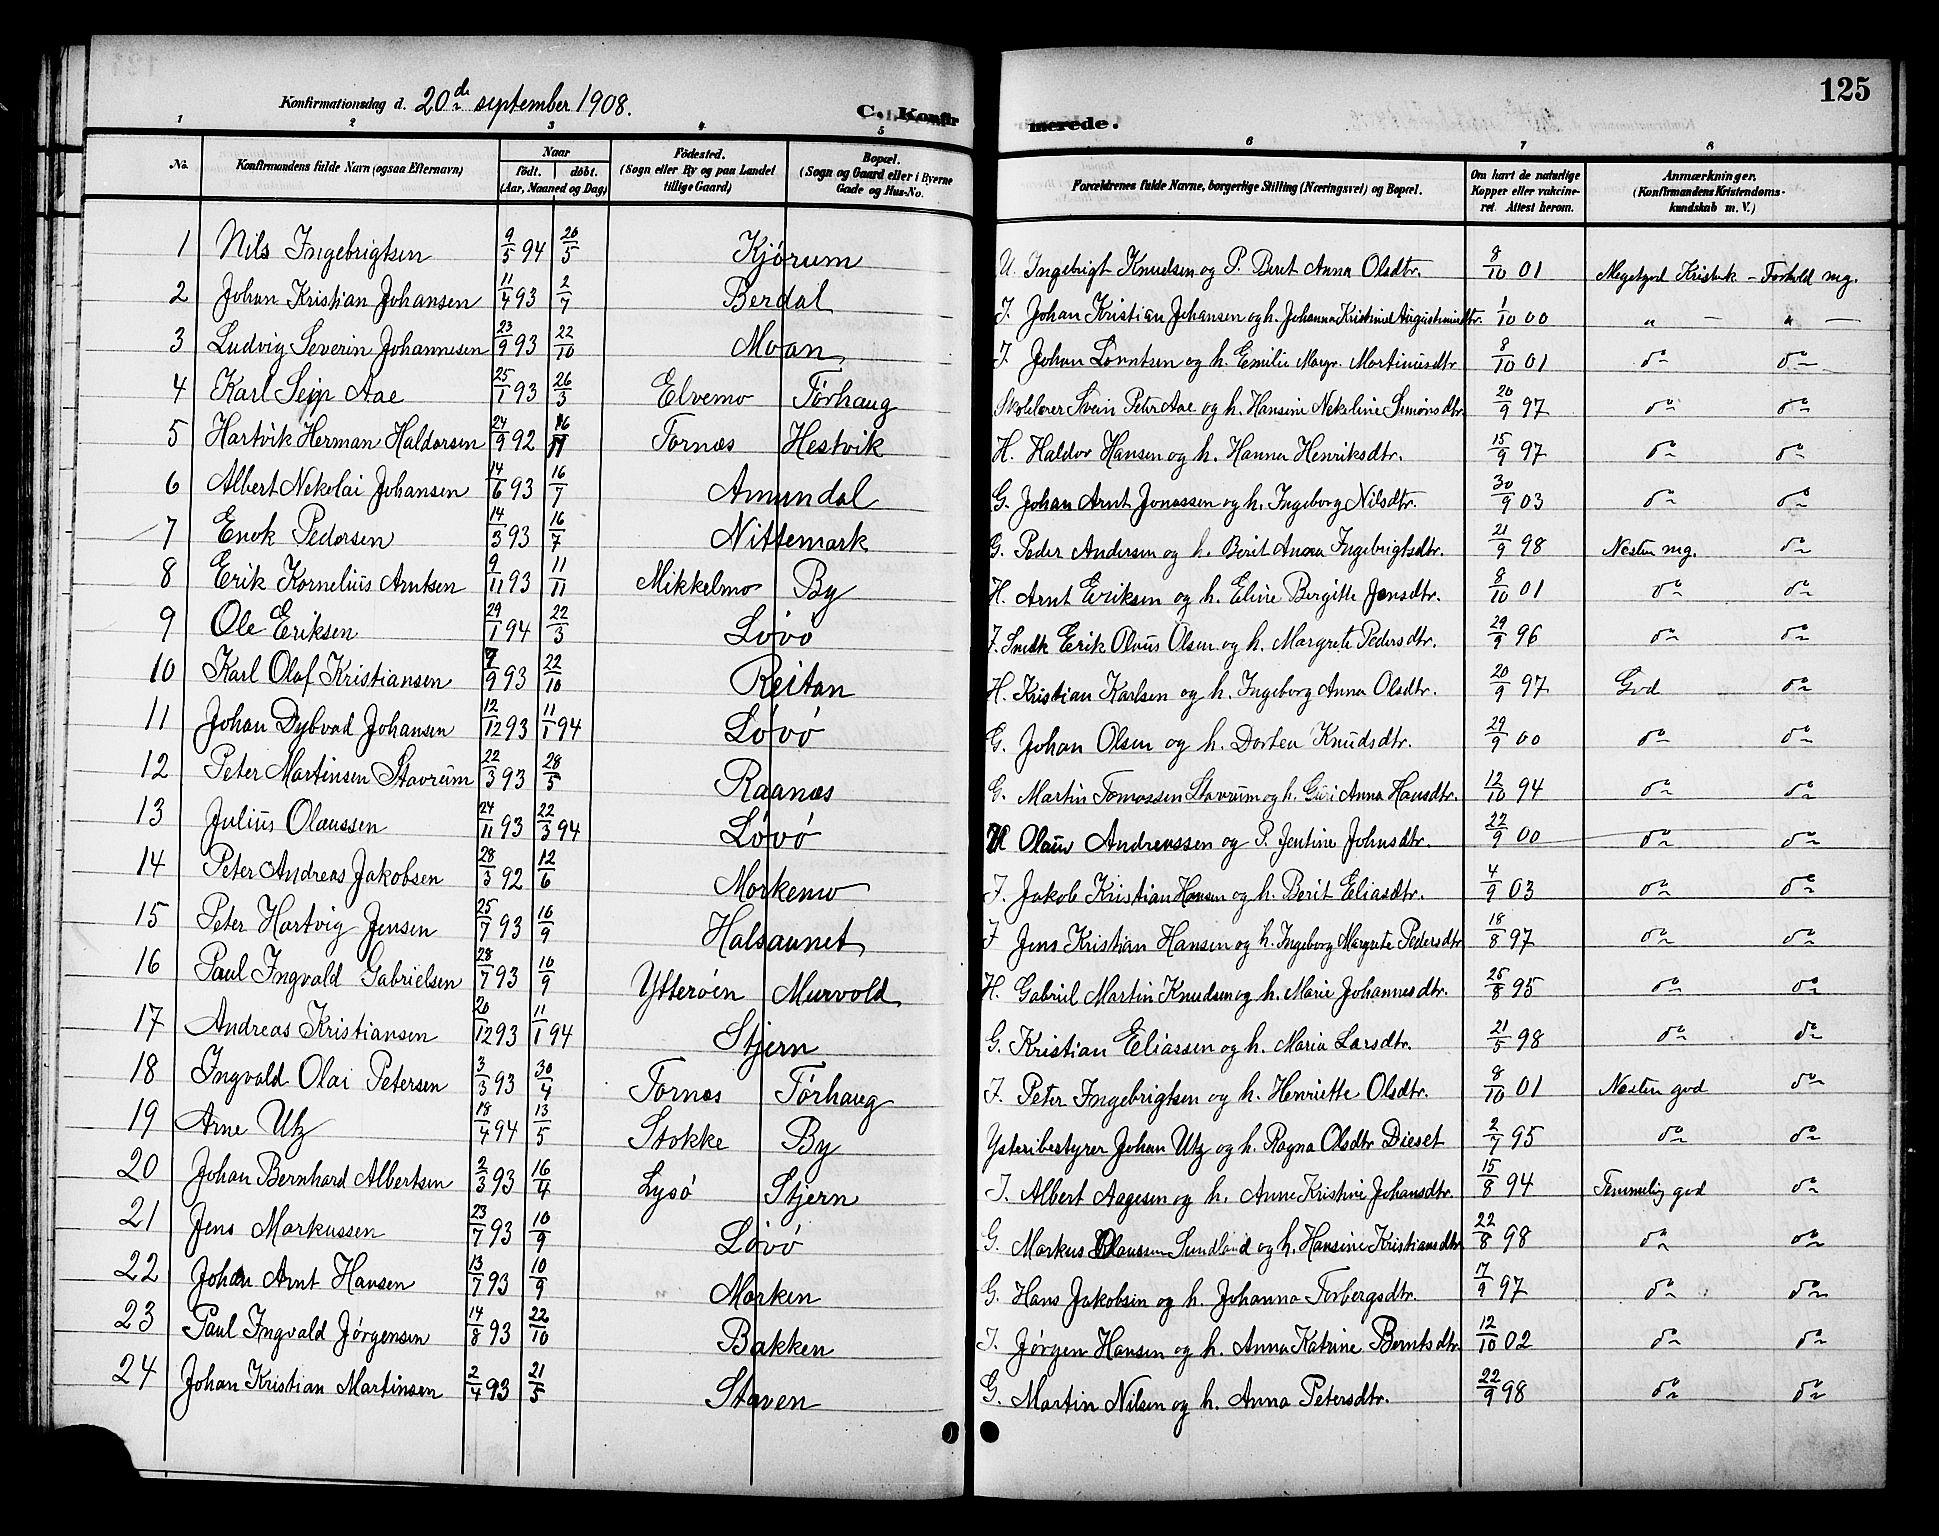 SAT, Ministerialprotokoller, klokkerbøker og fødselsregistre - Sør-Trøndelag, 655/L0688: Klokkerbok nr. 655C04, 1899-1922, s. 125